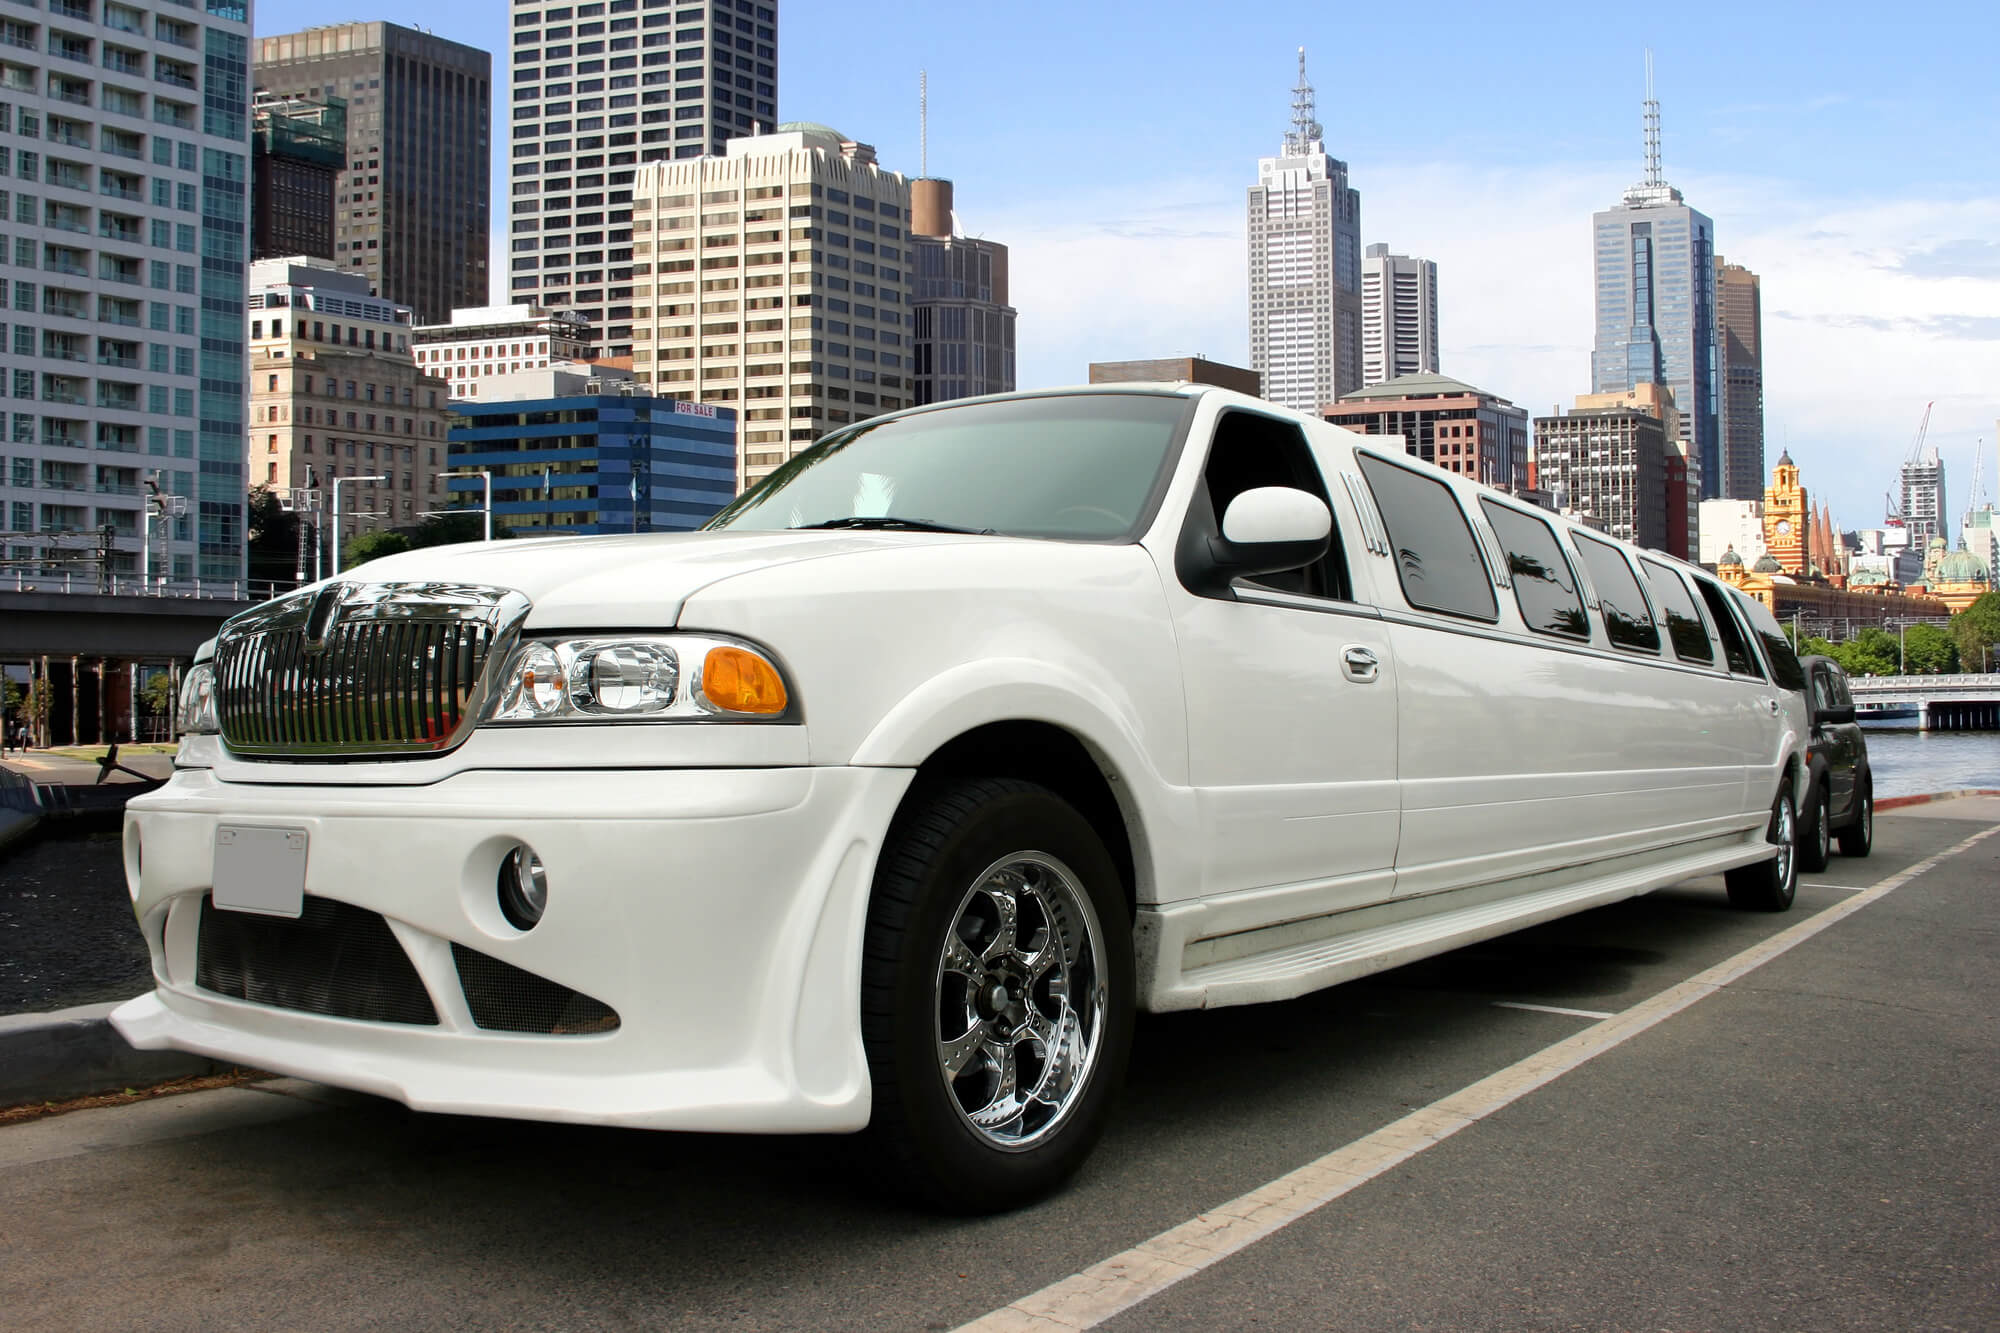 a Limousine